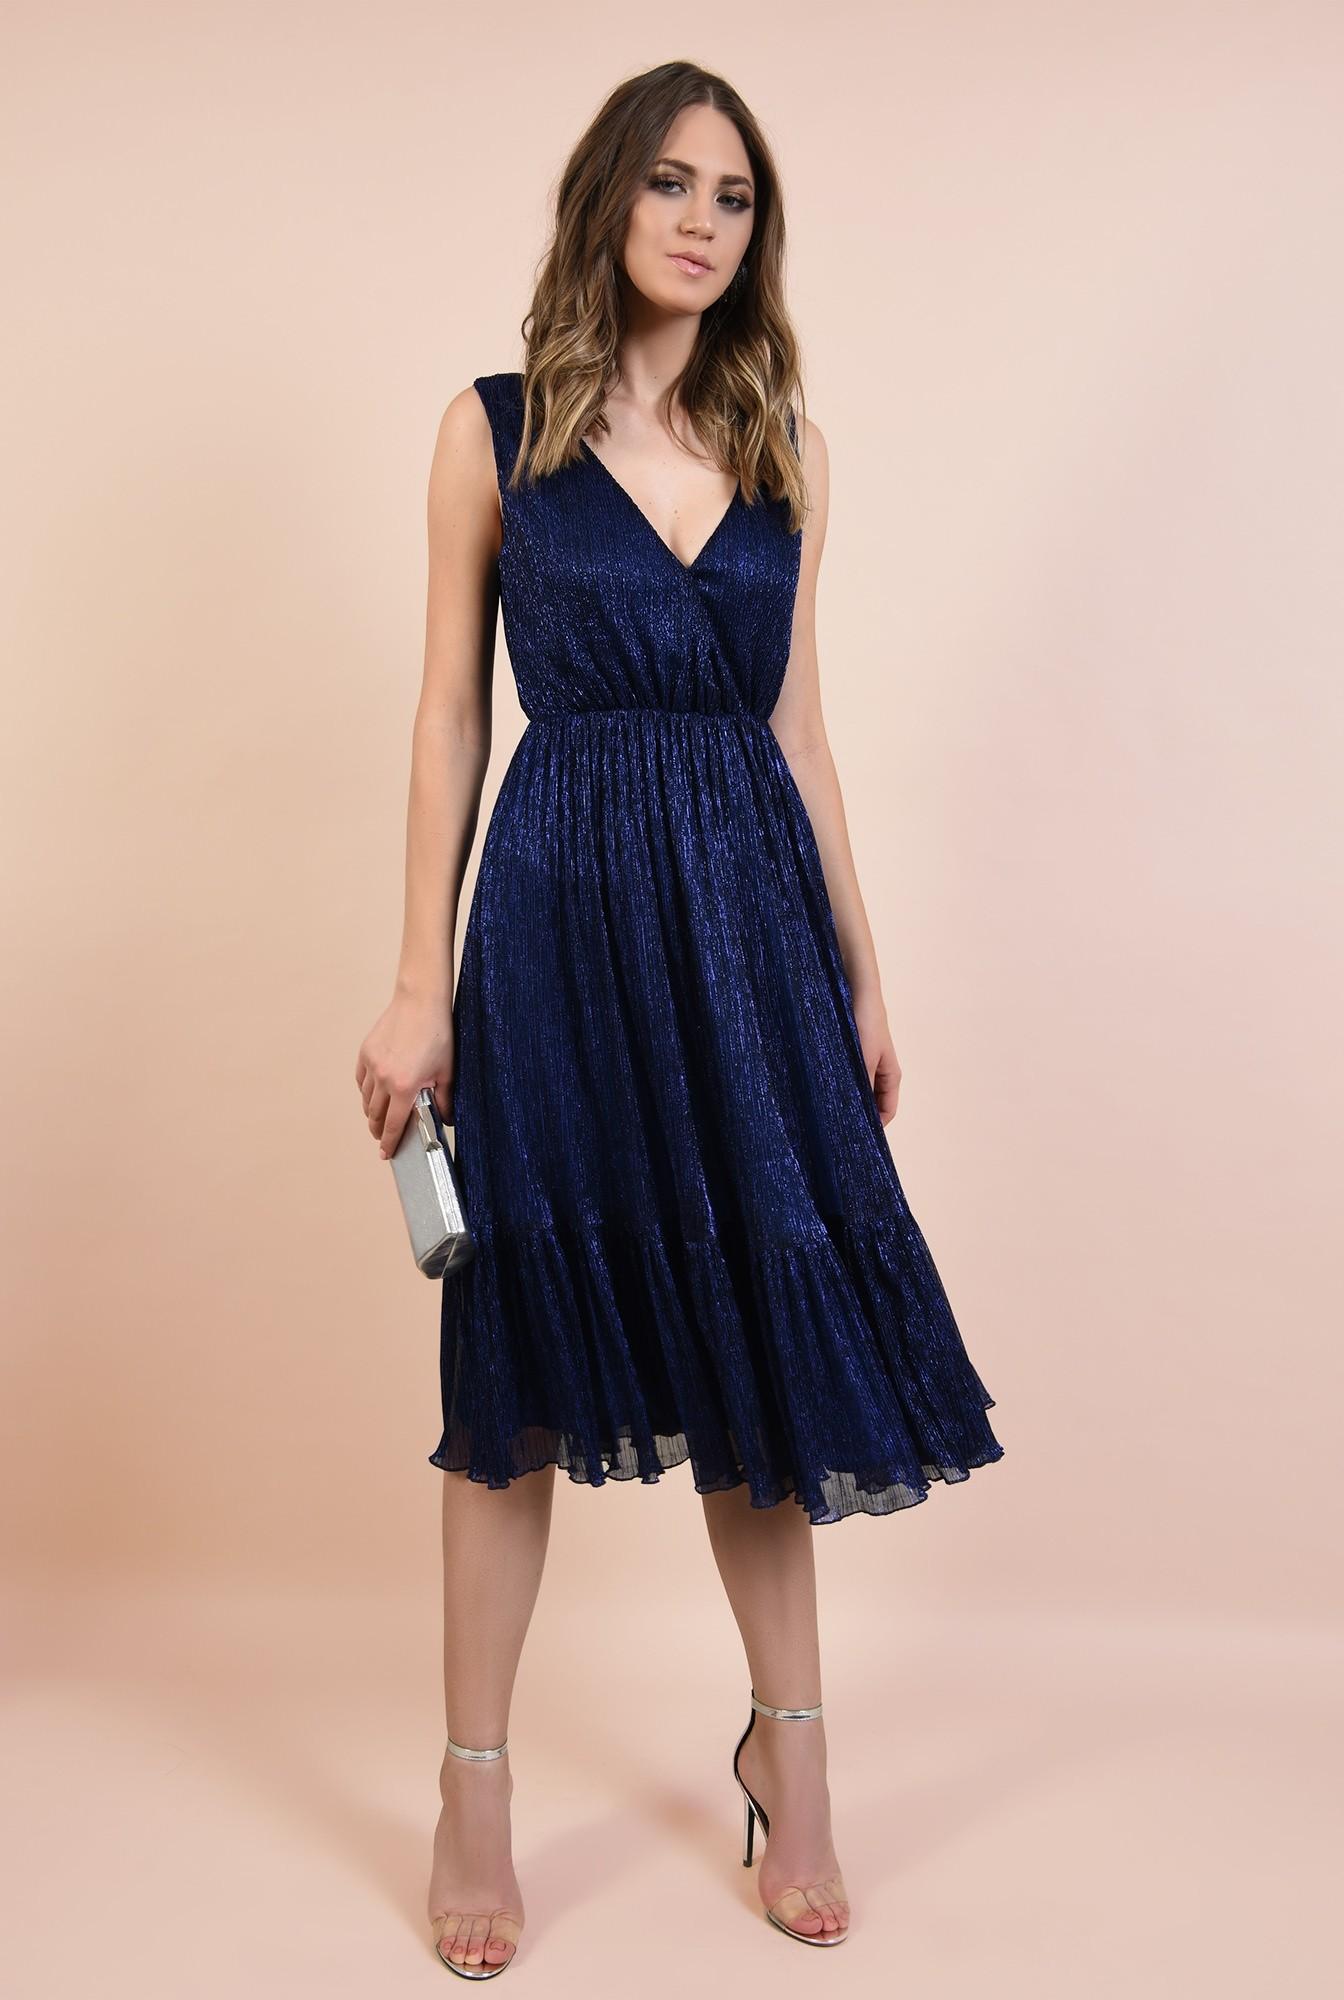 3 - rochie de seara, din lurex, elastic la talie, anchior petrecut, albastra, Poema